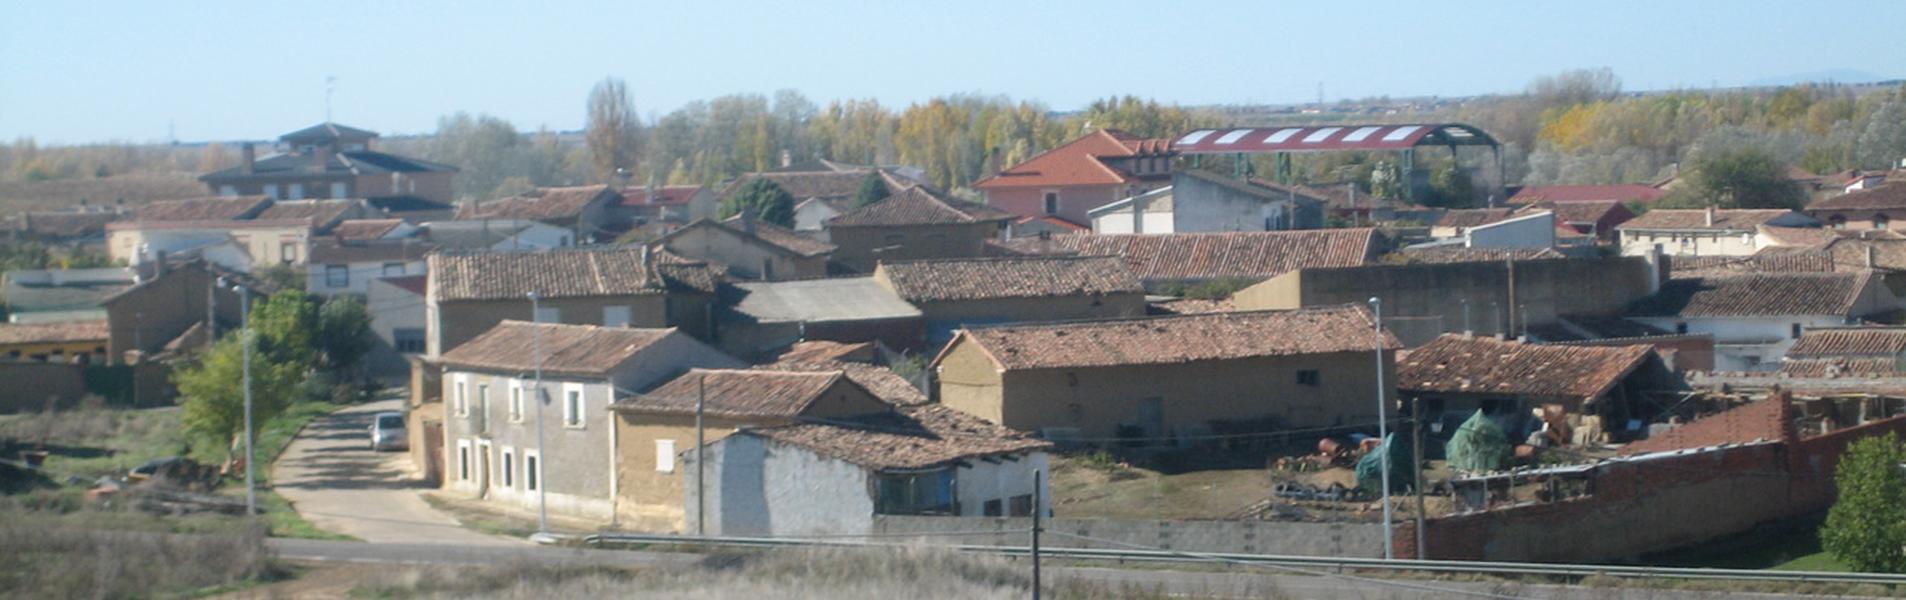 Monasterio de Vega